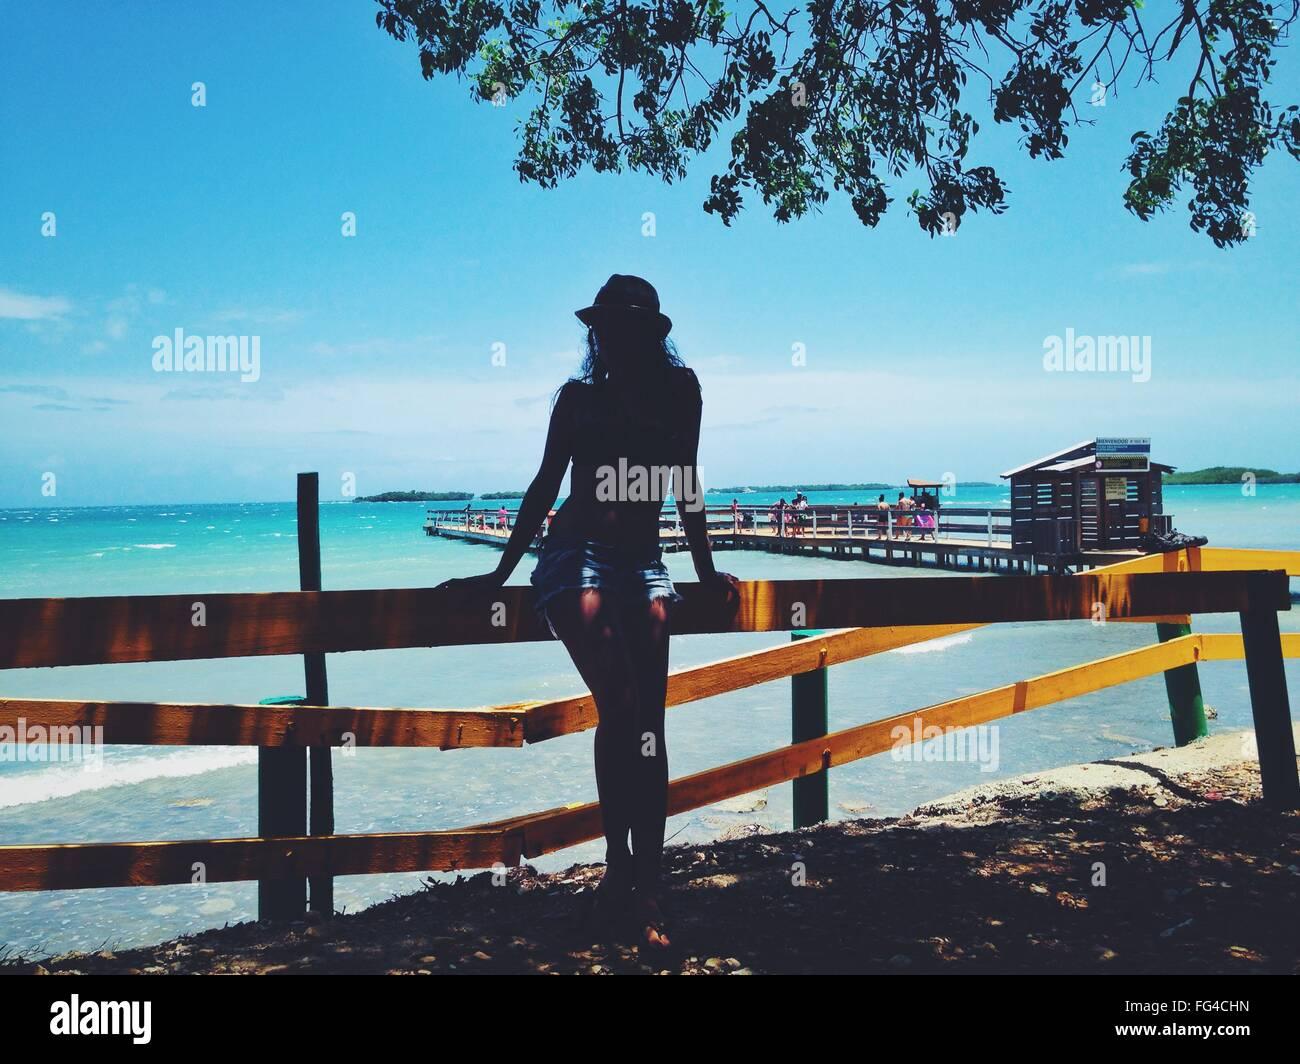 La longitud completa de la Mujer de pie por clamar contra el cielo en la playa Imagen De Stock